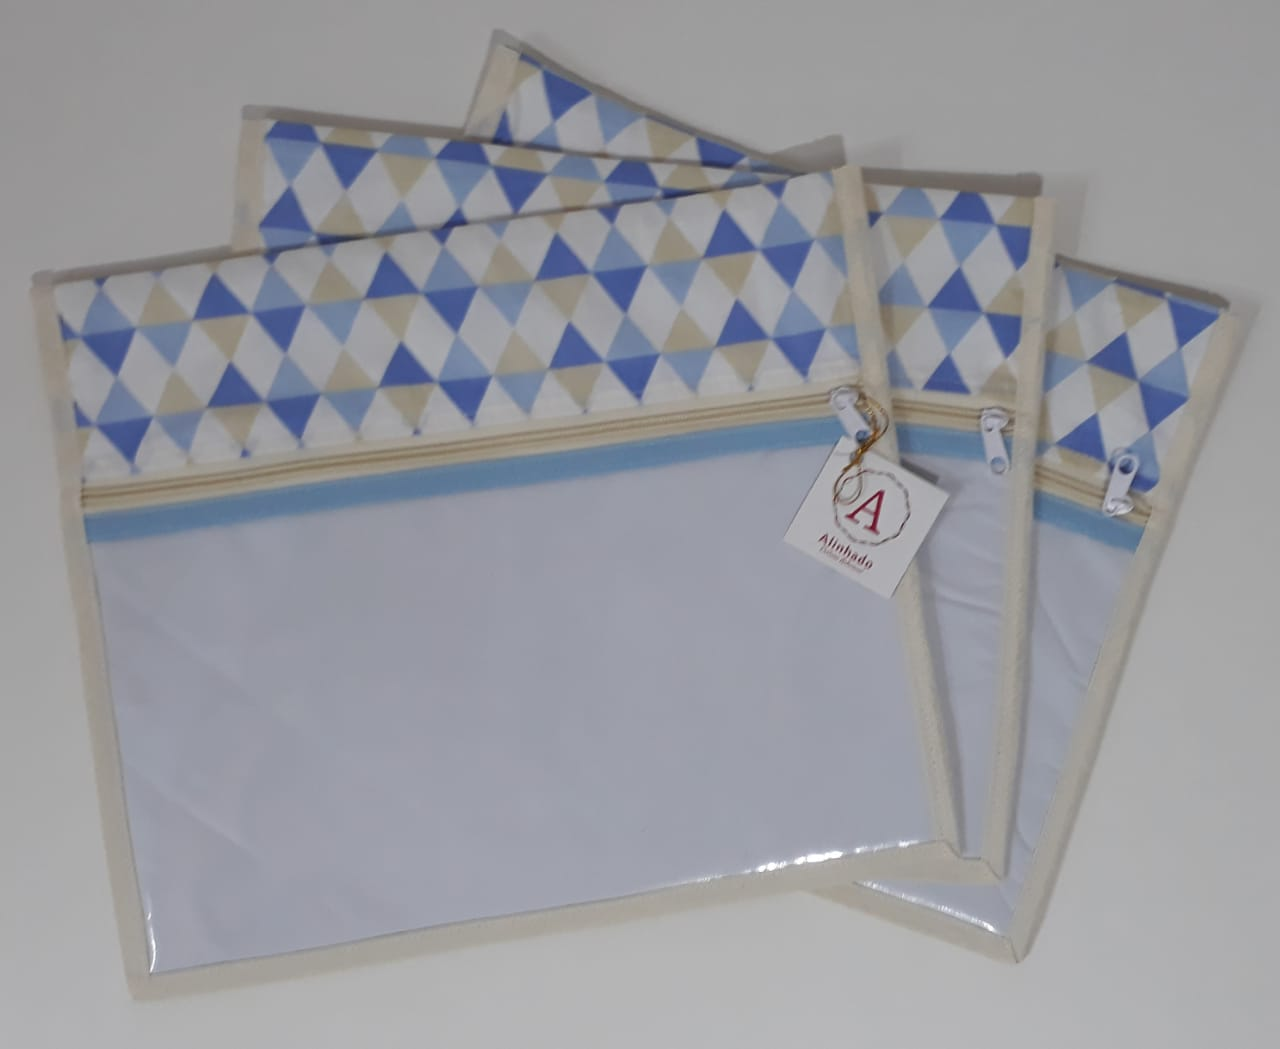 Kit Maternidade - 5 Saquinhos + 2 Porta Fraldas + Necessaire